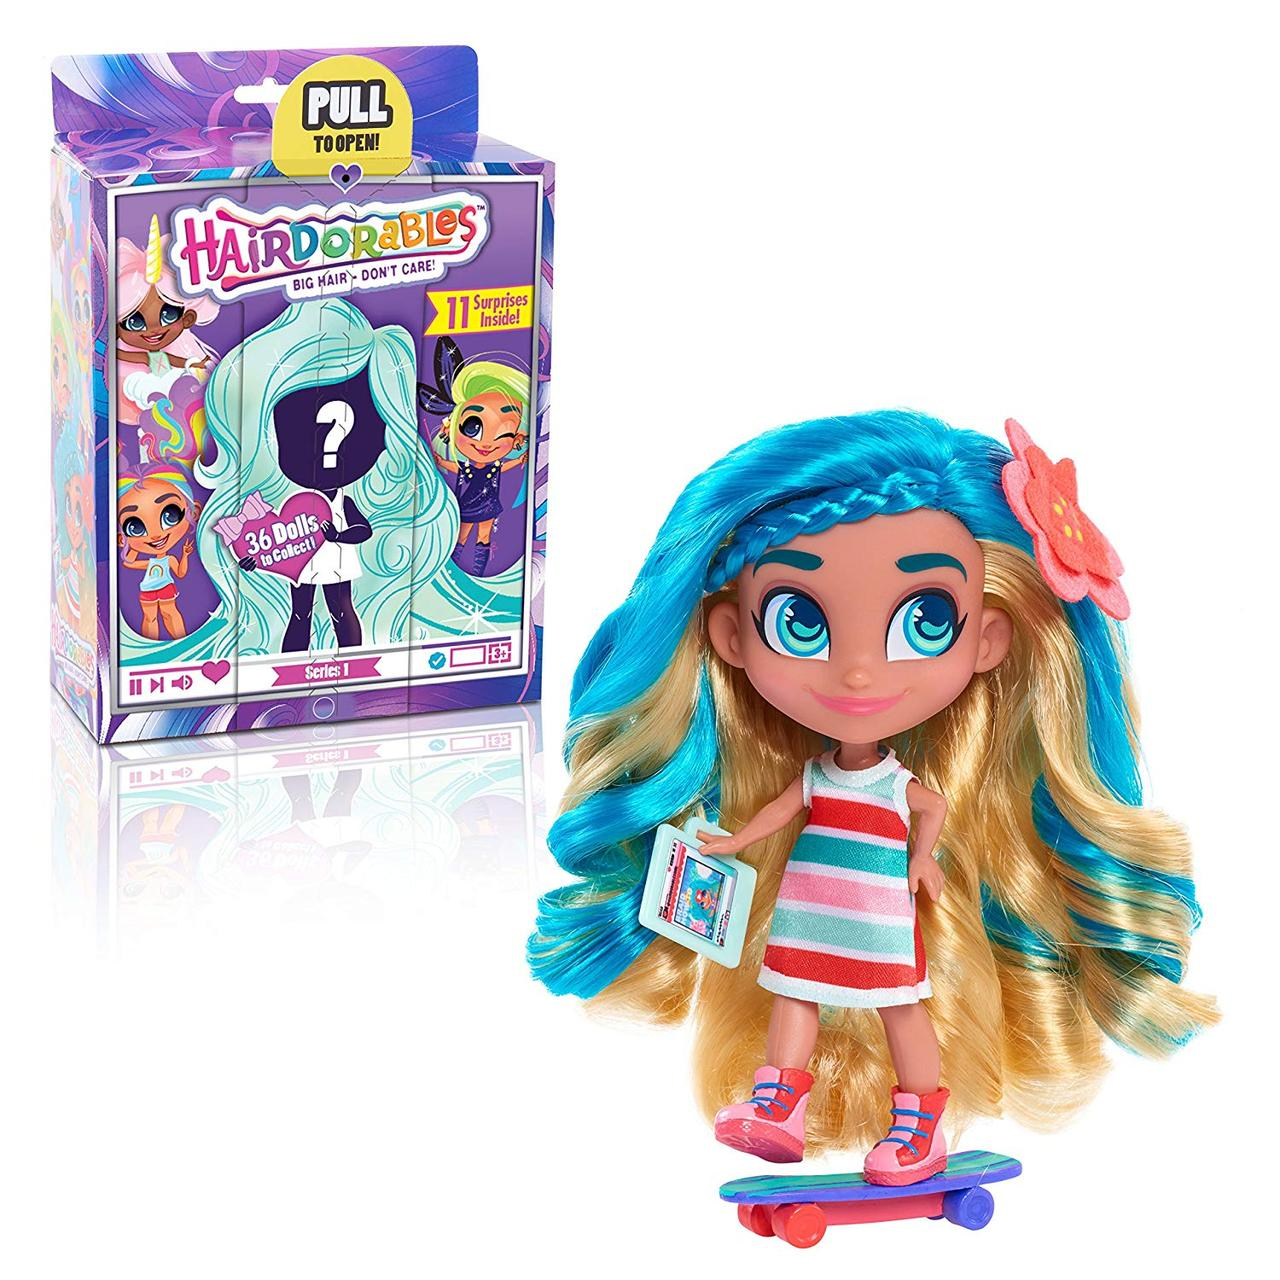 Кукла Hairdorables Collectible Surprise Dolls 1 серия лялька Хердорабалс/Хэрдораблс сюрприз оригинал